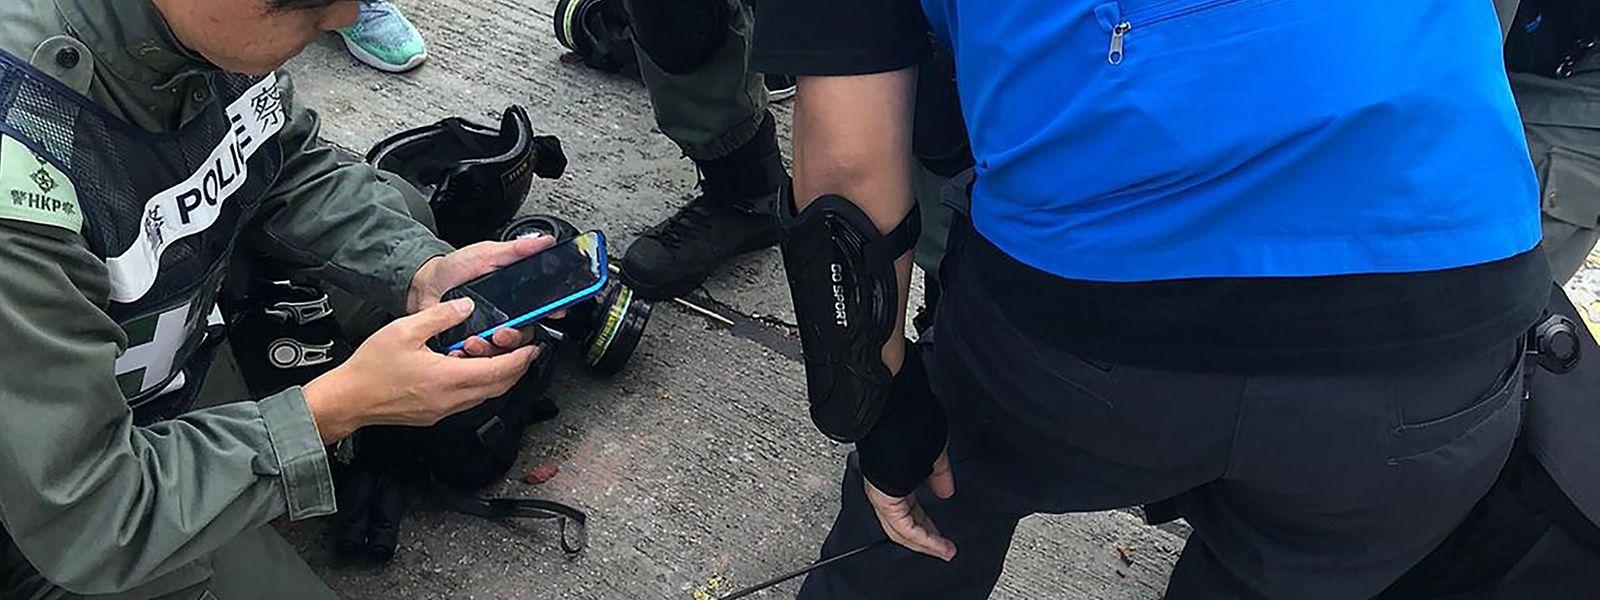 Kollegen untersuchen einen Polizisten in Hongkong, der von einem Pfeil getroffen wurde.